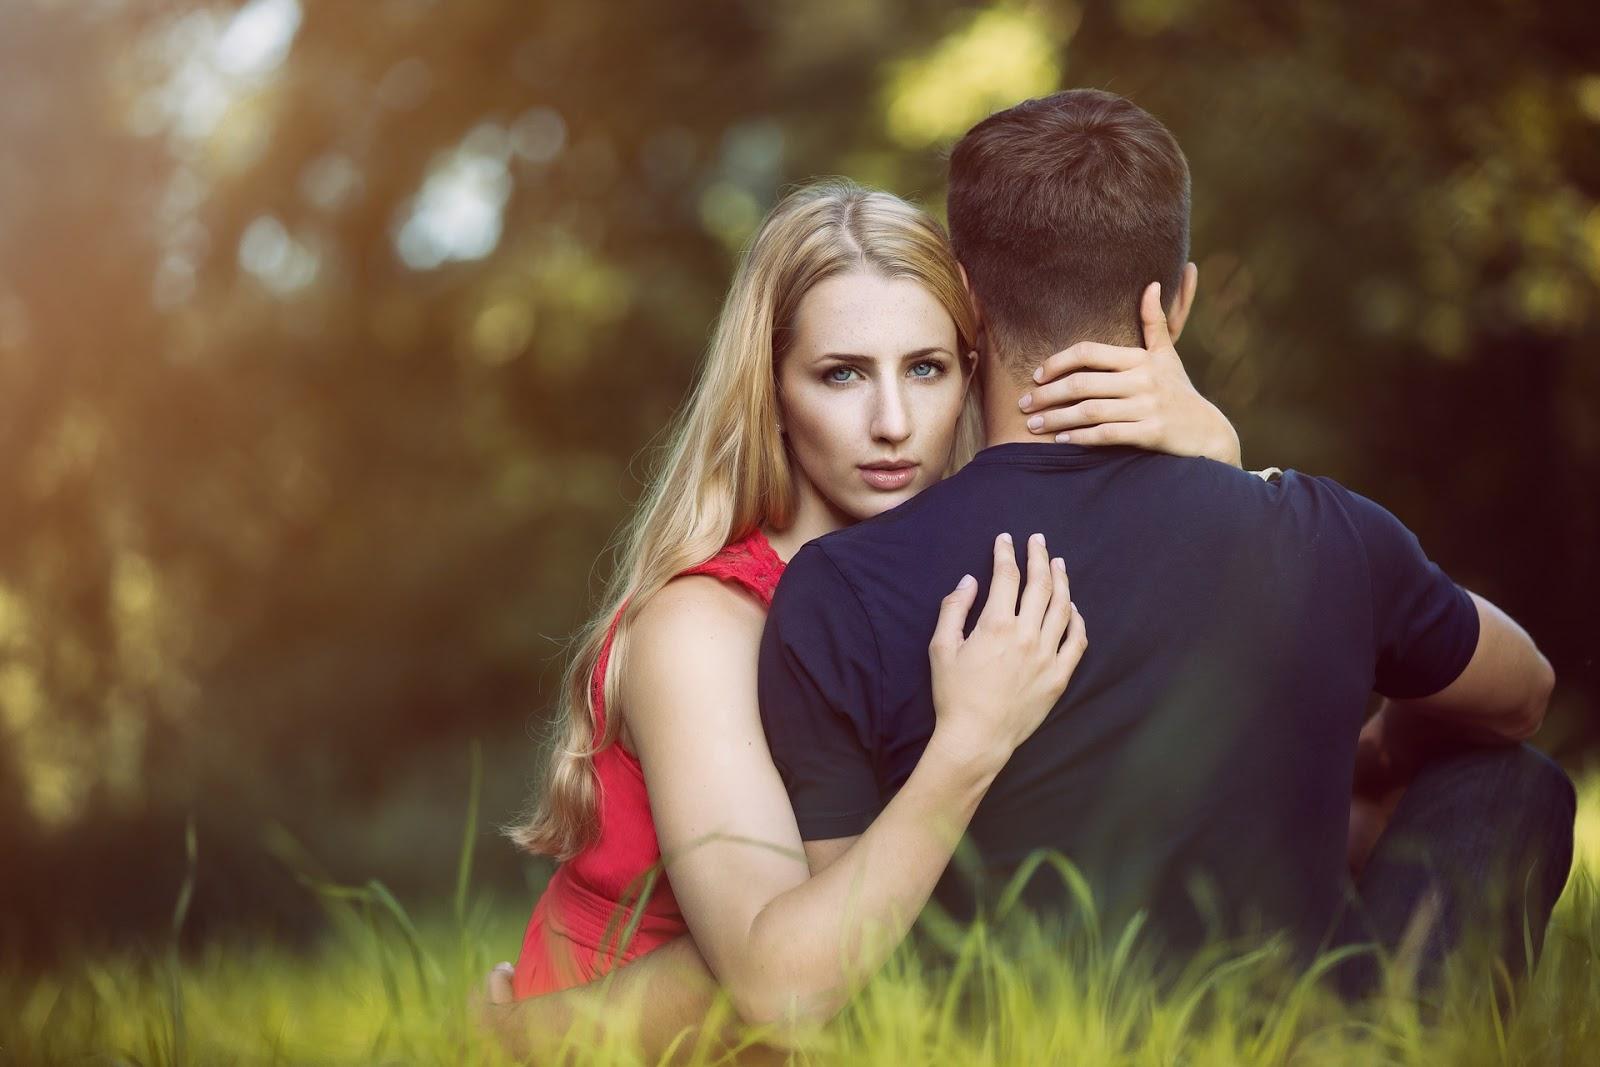 صور الحب الحقيقي بين الزوجين , الازواج و علاقاتهم المختلفه